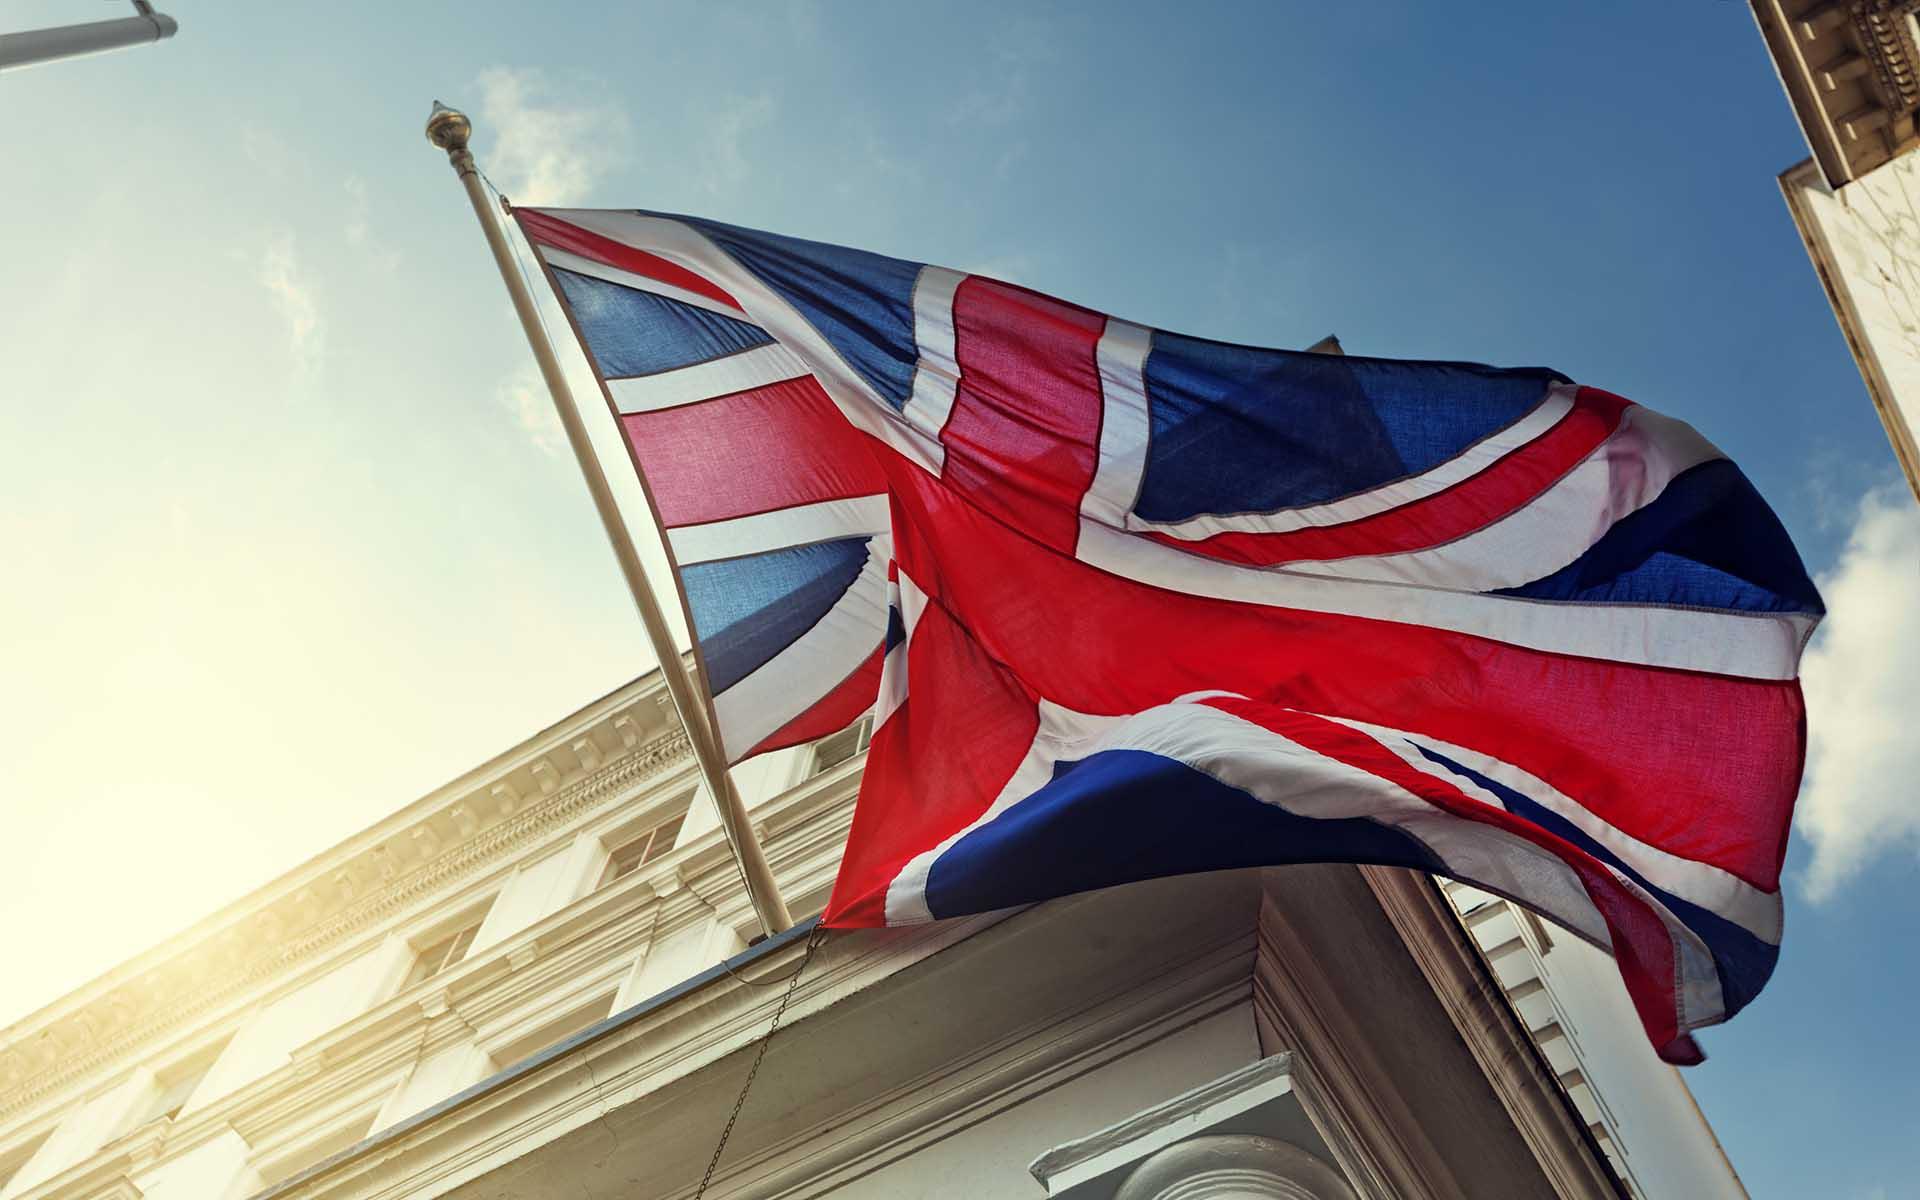 Gobierno del Reino Unido sigue evaluando el mercado de las criptomonedas antes de pensar en posibles regulaciones